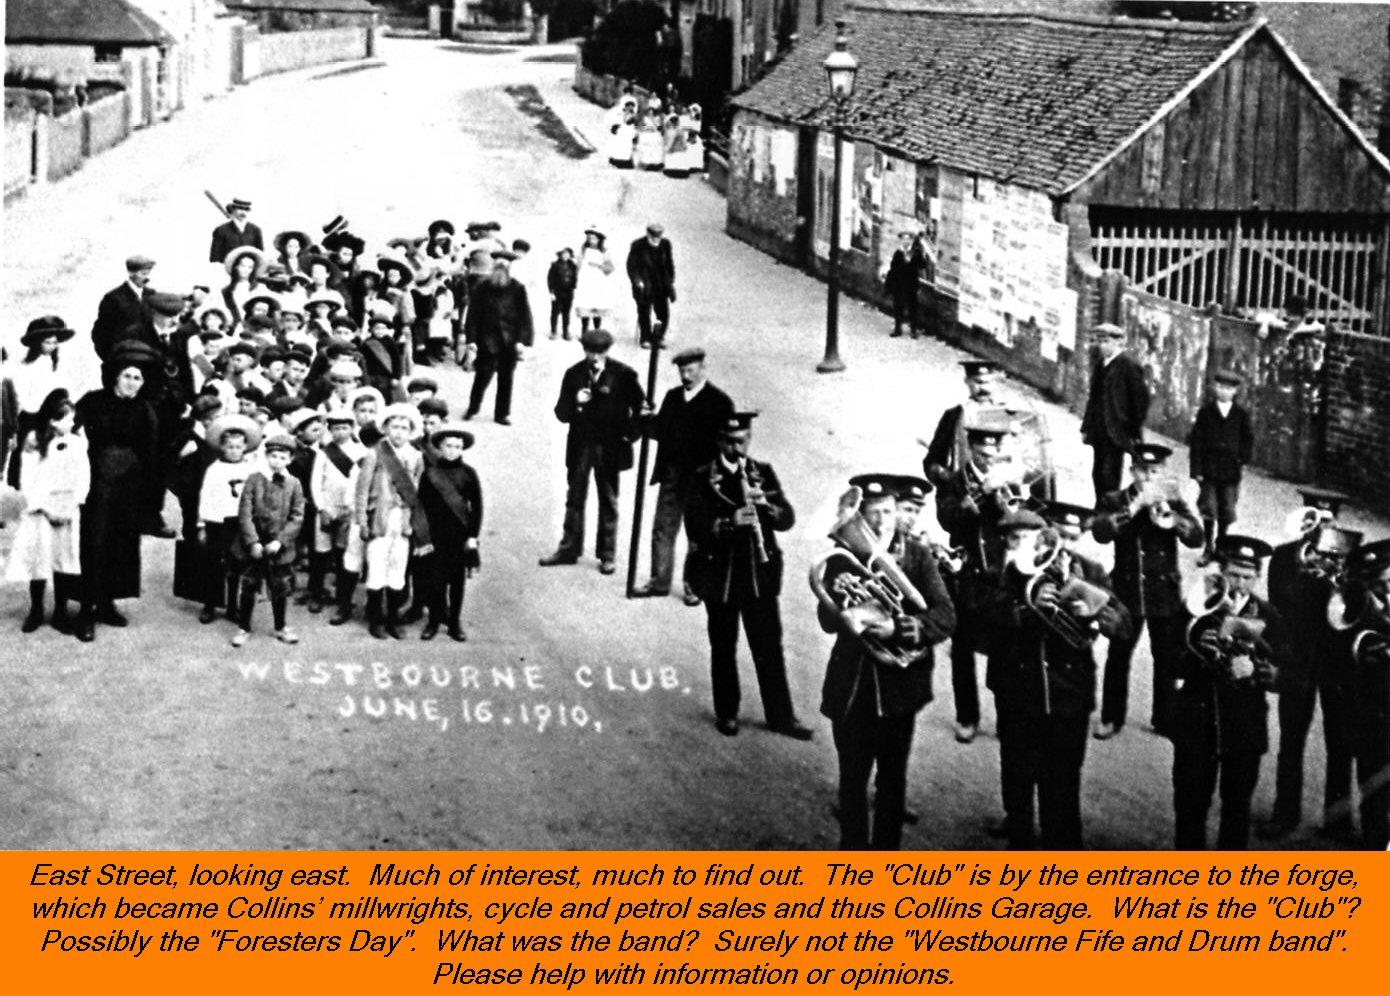 Westbourne-Club 1910